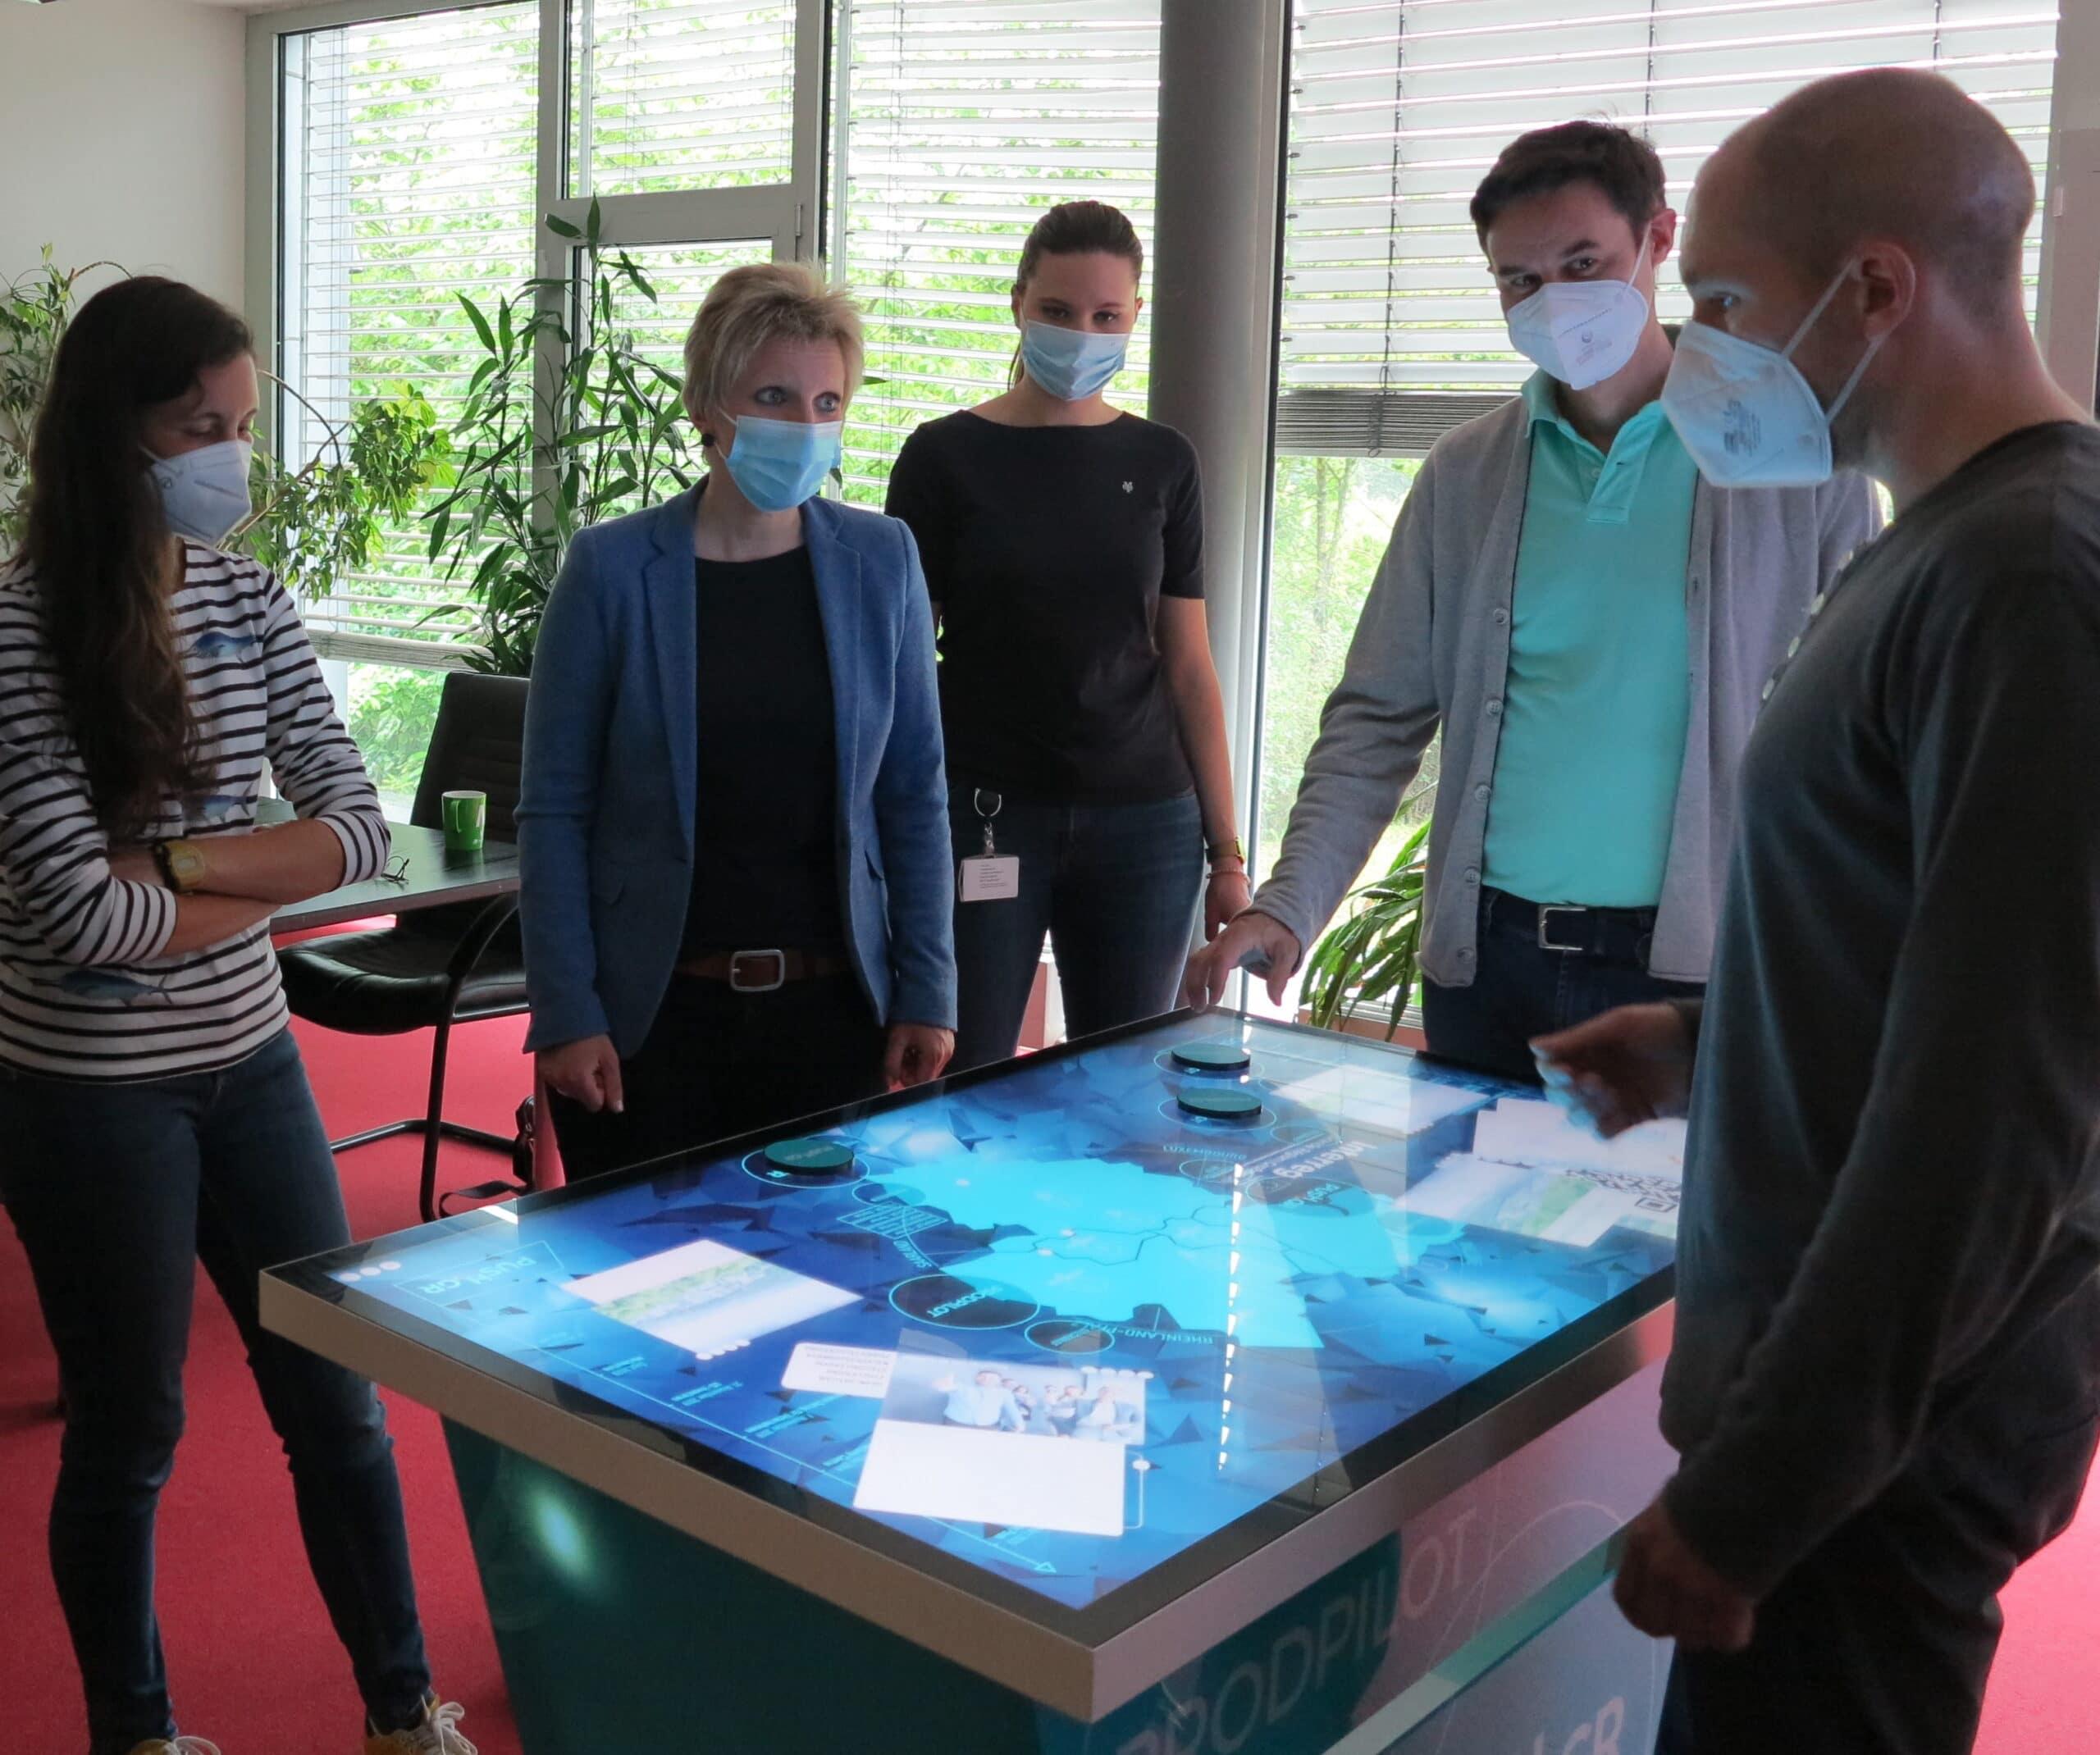 mobiler Multitouch Tisch der htw saar mit mehreren Benutzern